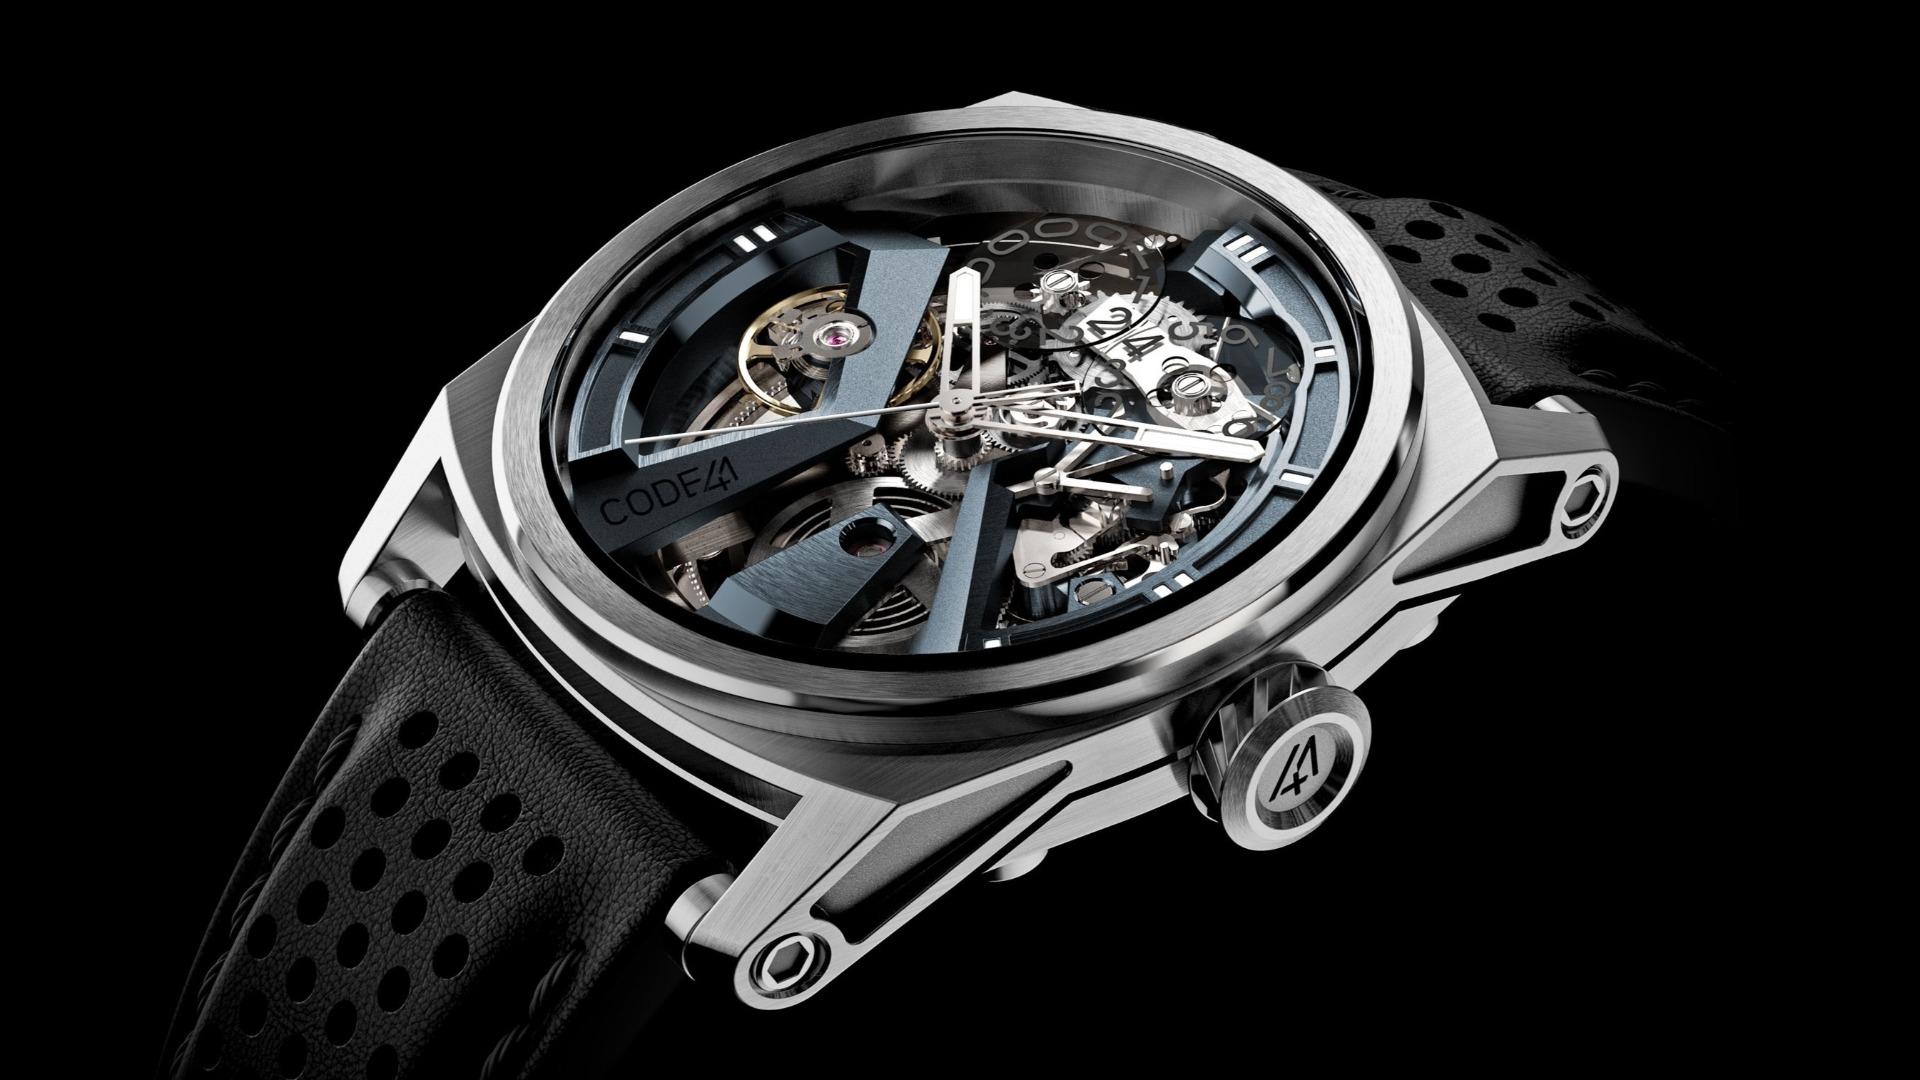 Les montres CODE41 – Haute Horlogerie pour tous?